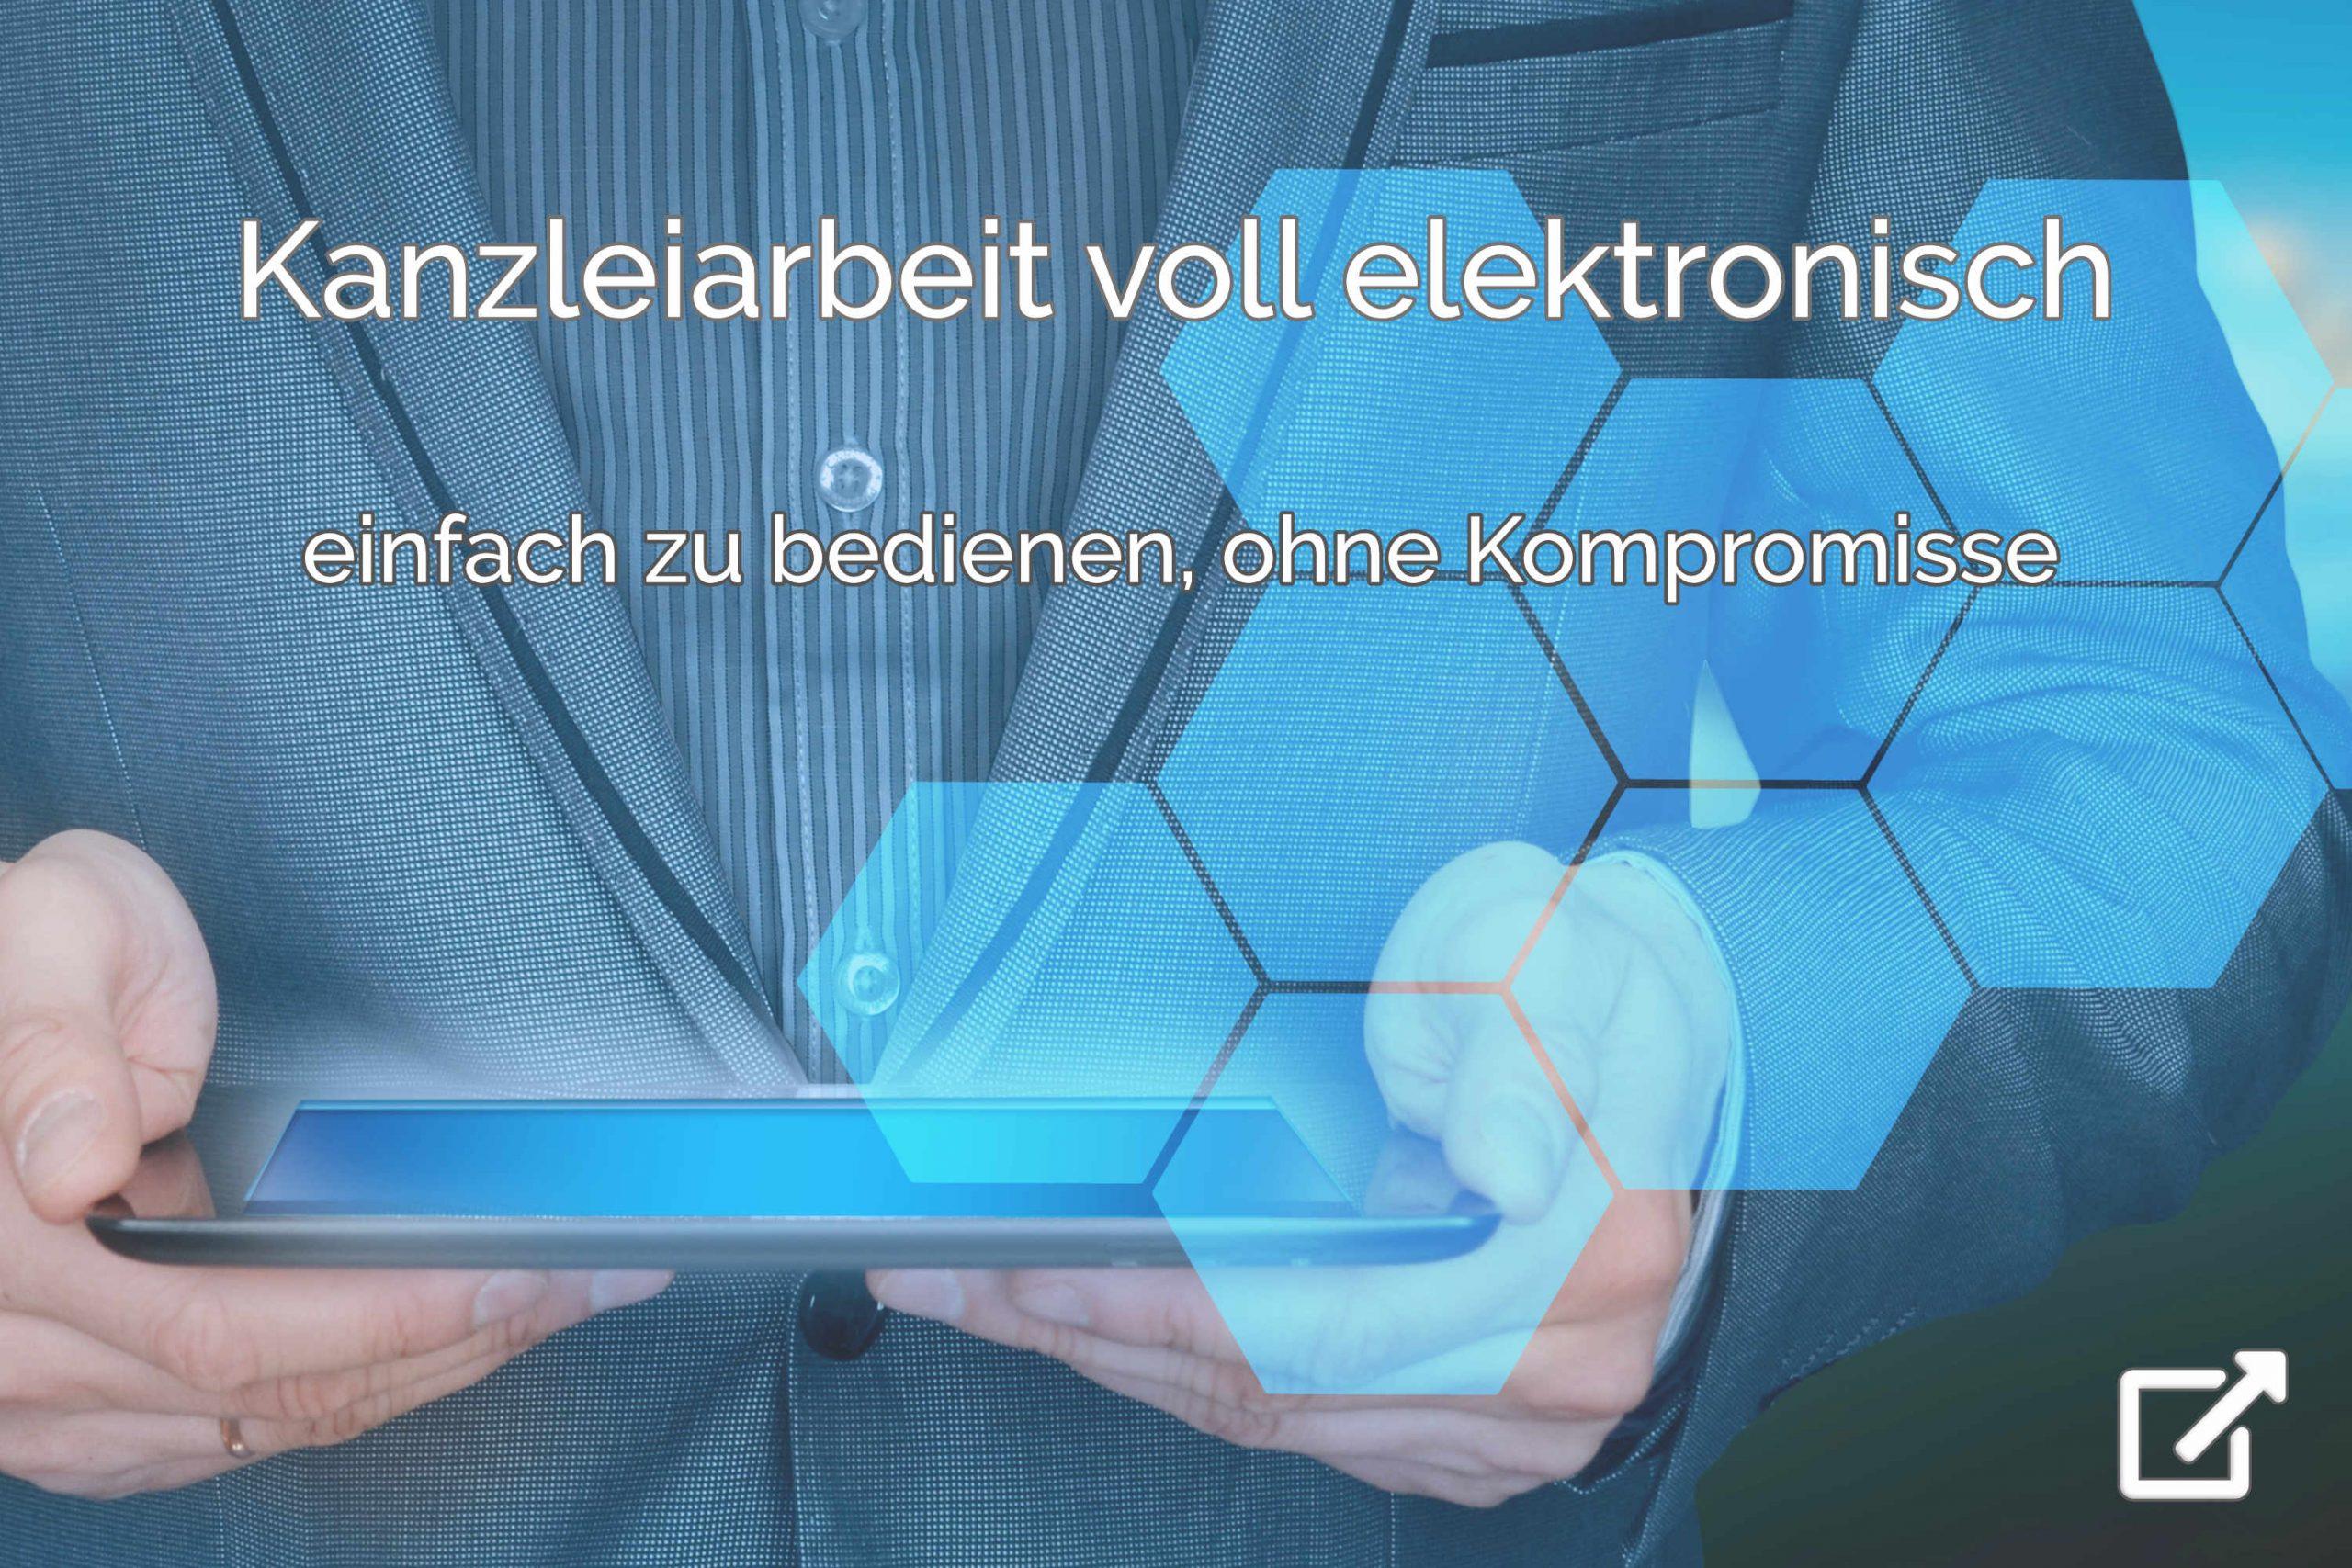 Kanzleiarbeit digital und voll elektronisch - einfach zu bedienen - elektronische Kanzleiarbeit mit Dokumenten, Terminen+Fristen, Wiedervorlagen, E-Mail und in der Buchhaltung (Kanzleisoftware Digitalisierung)